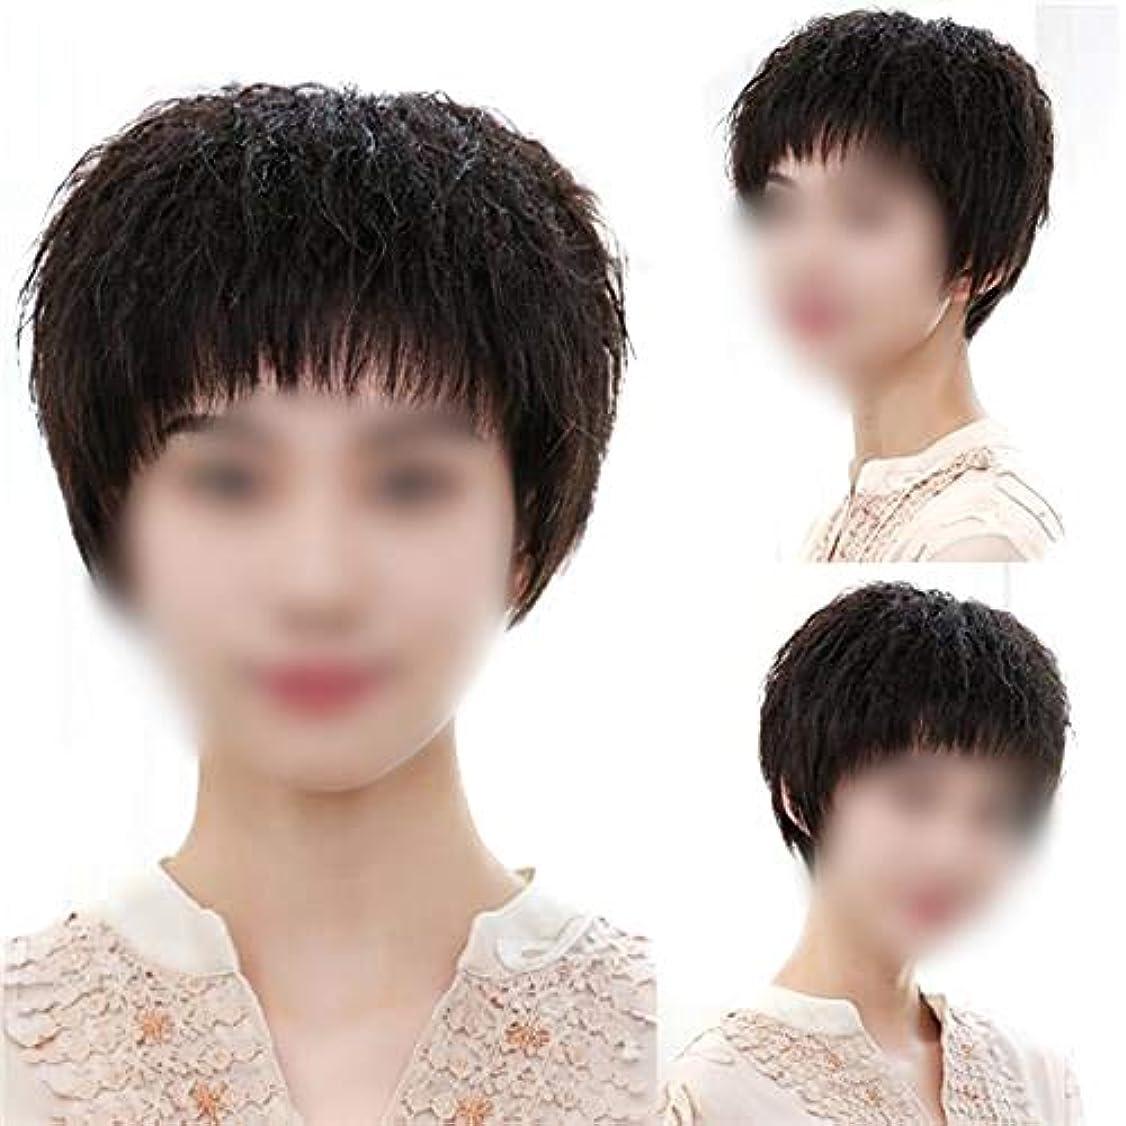 省略ペレット賞賛YOUQIU フル手織り実髪コーンホットショートカーリーヘアウィッグ女性のために現実的なナチュラルウィッグ (色 : Natural black)